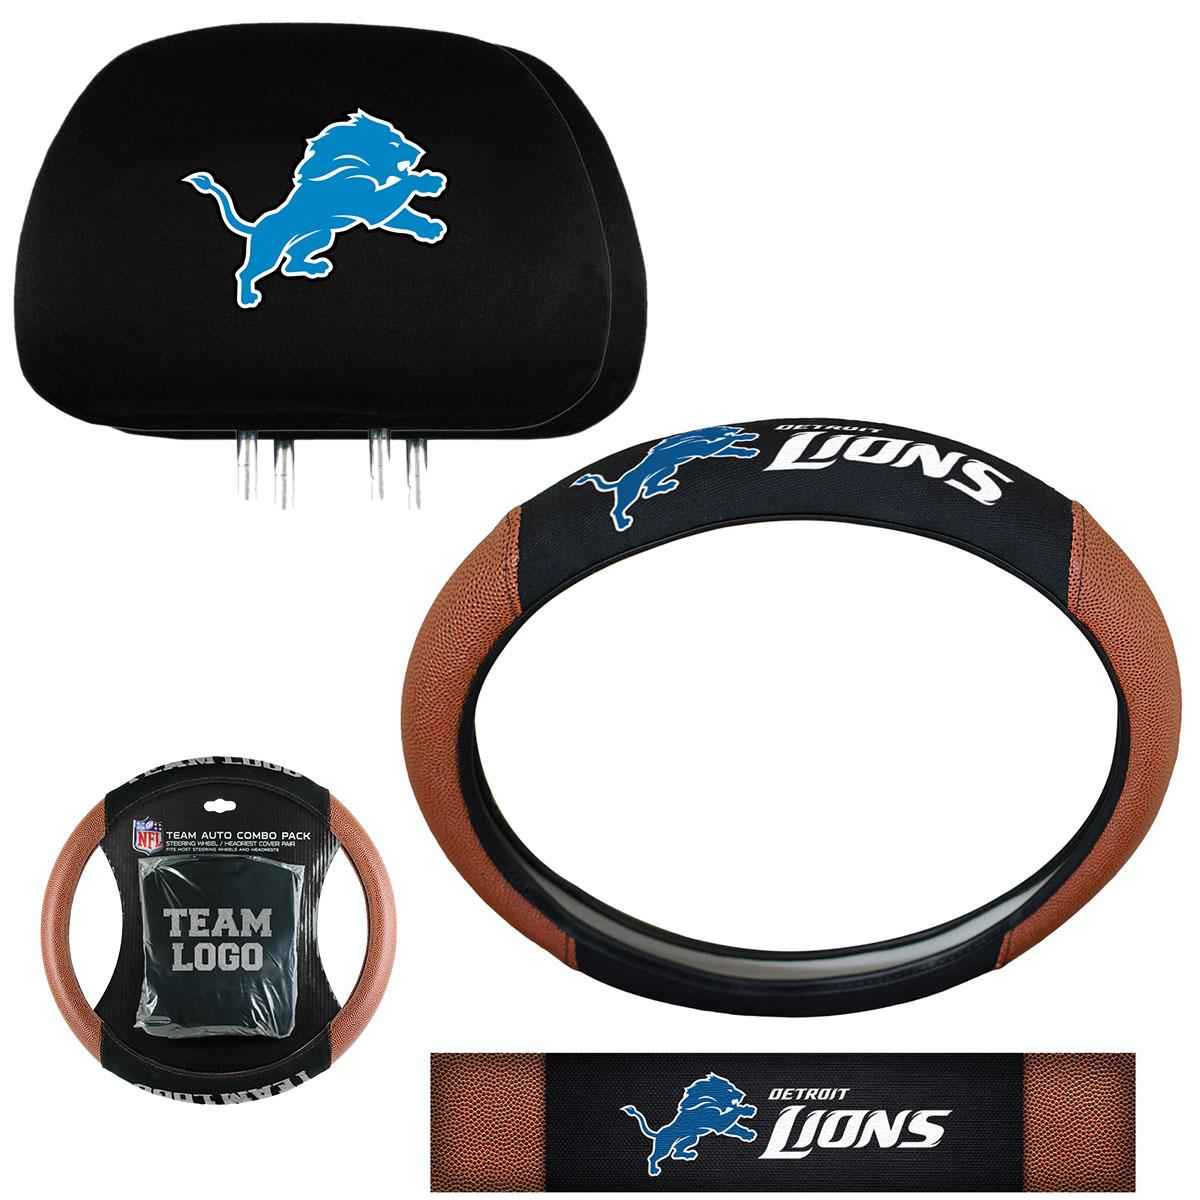 NFL Detroit Lions Steering Wheel Cover & Headrest Combo